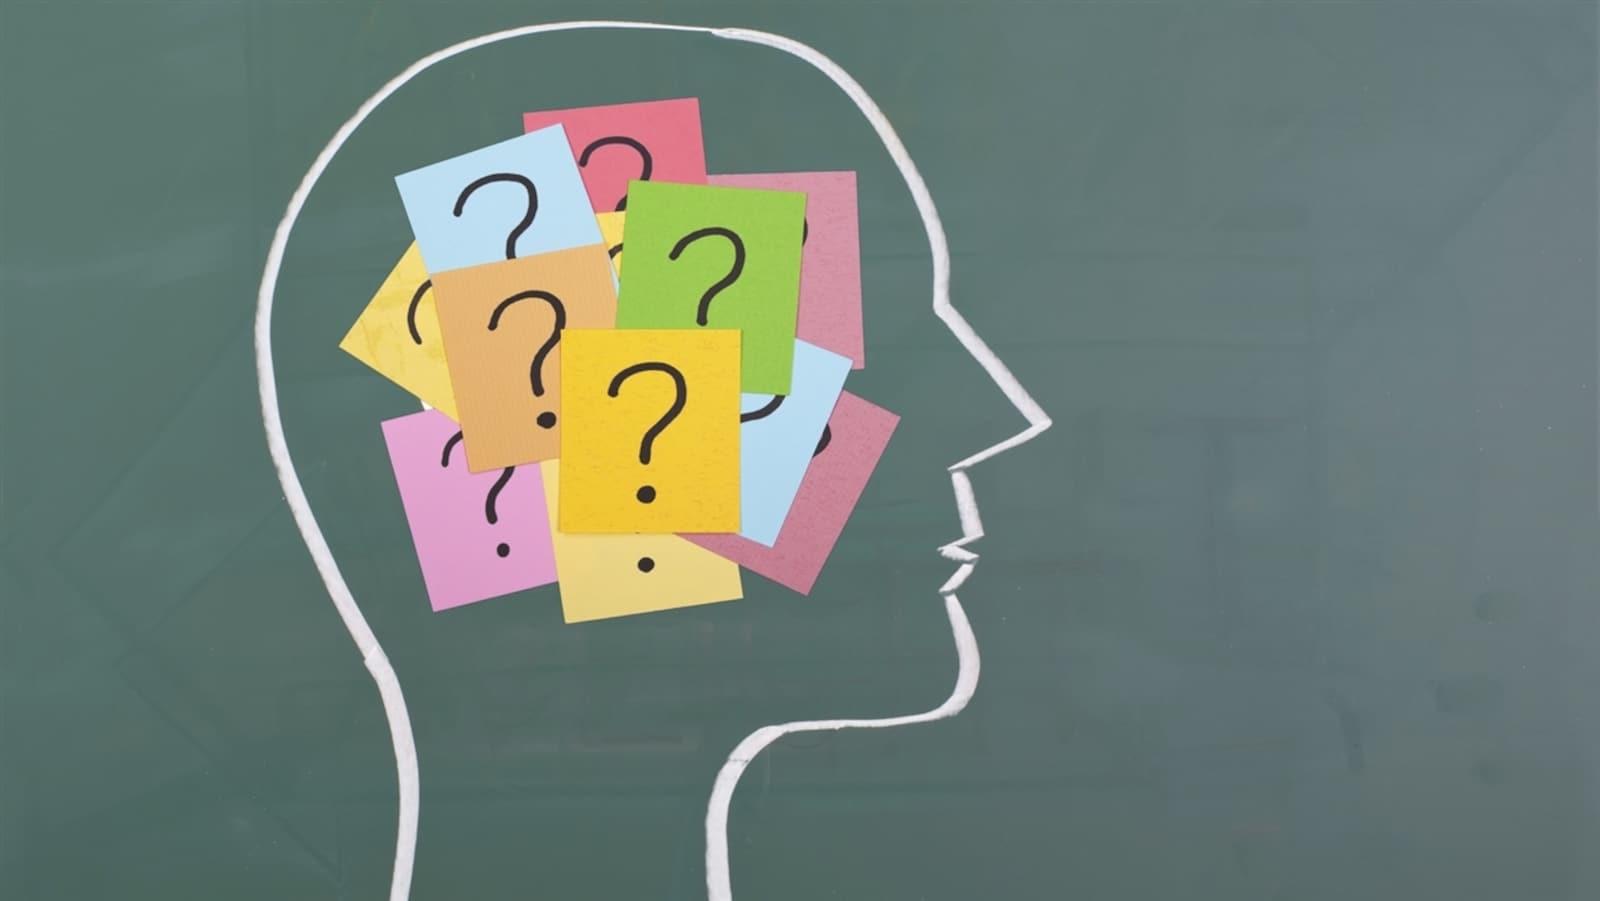 Dessin à la craie d'un cerveau avec des bouts de papier marqués d'un point d'interrogation